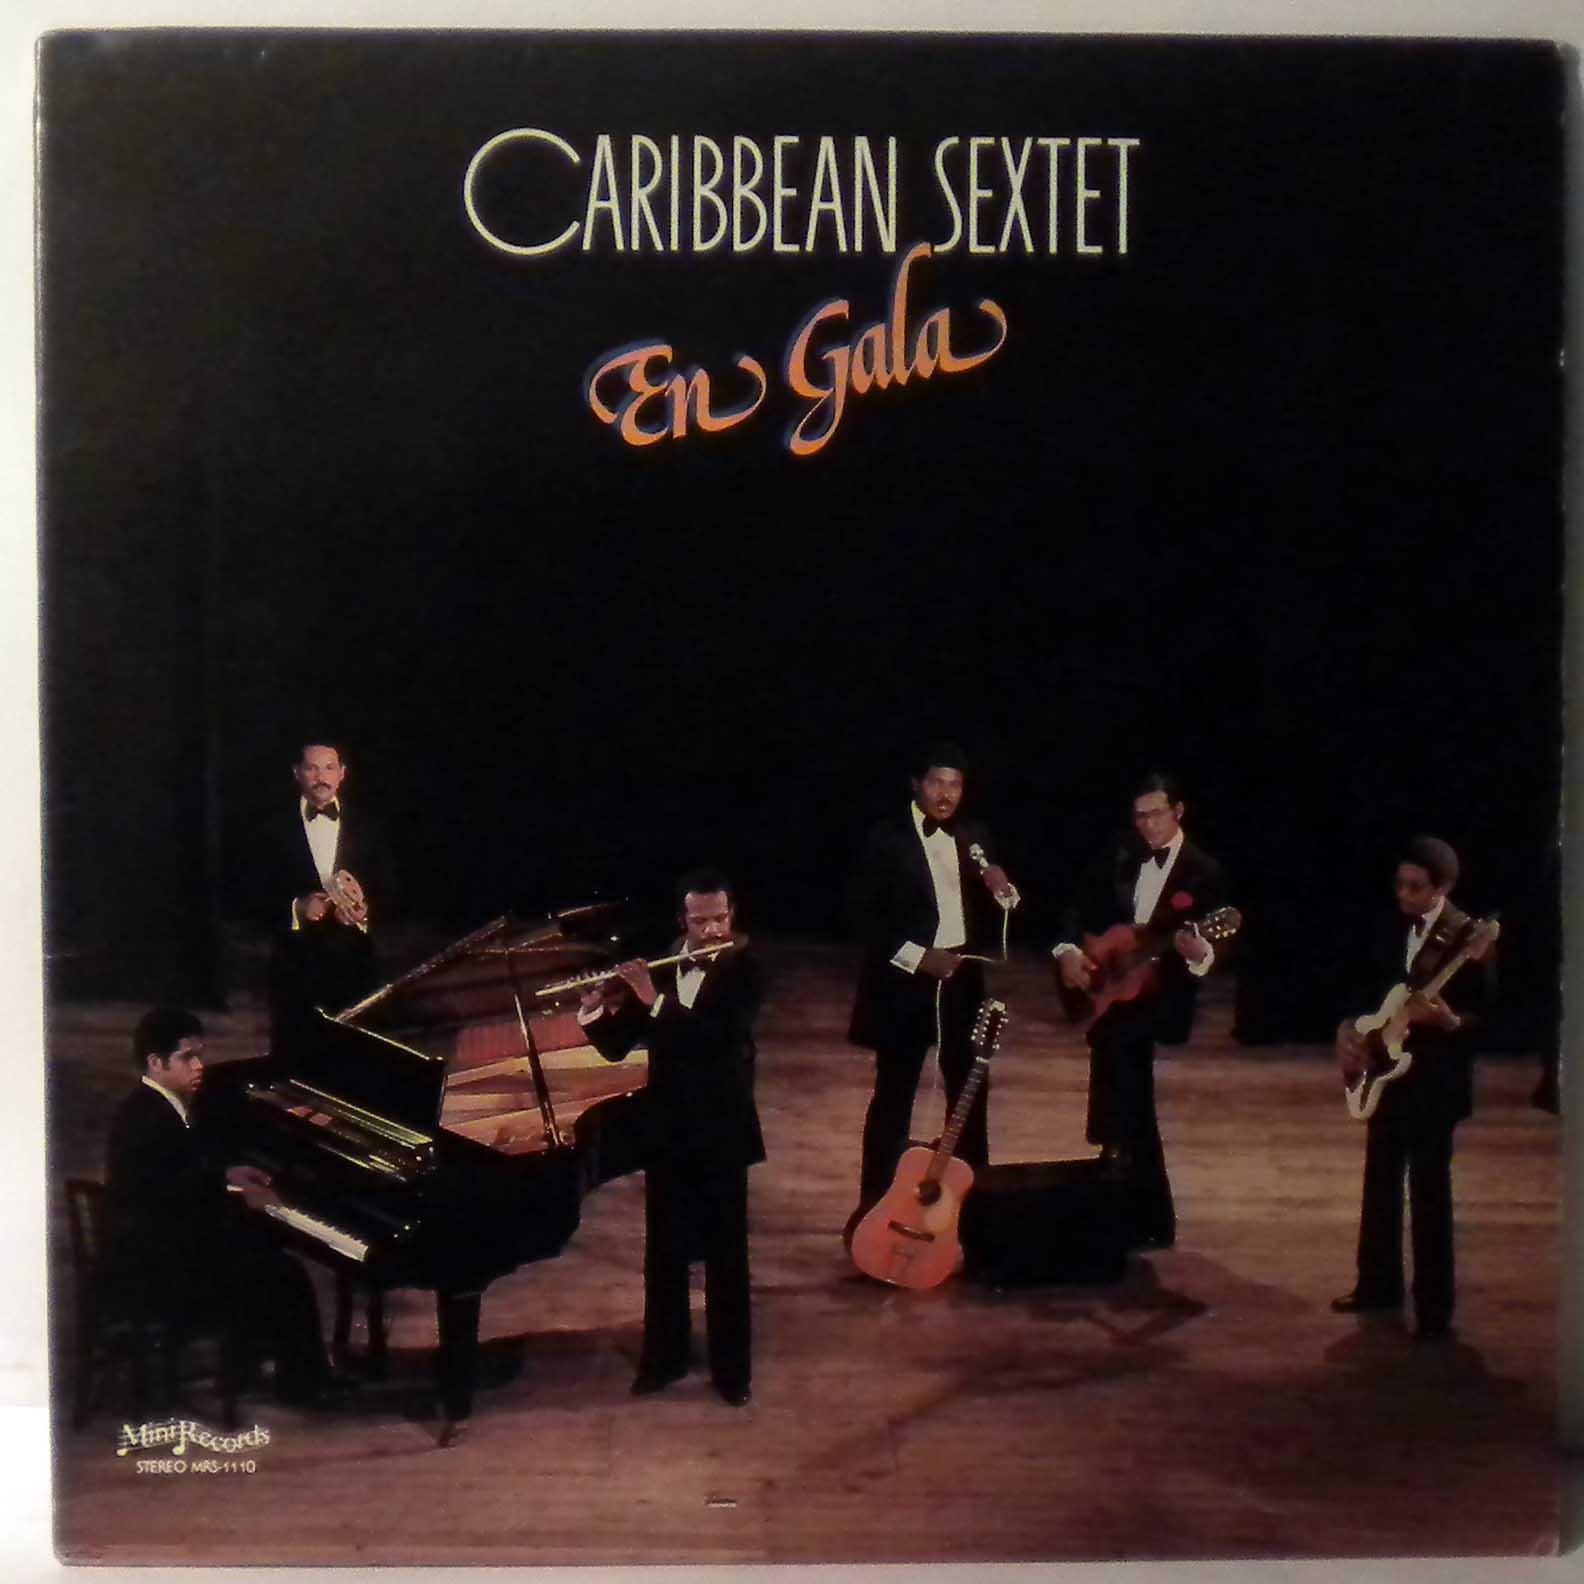 CARIBBEAN SEXTET - En gala - LP